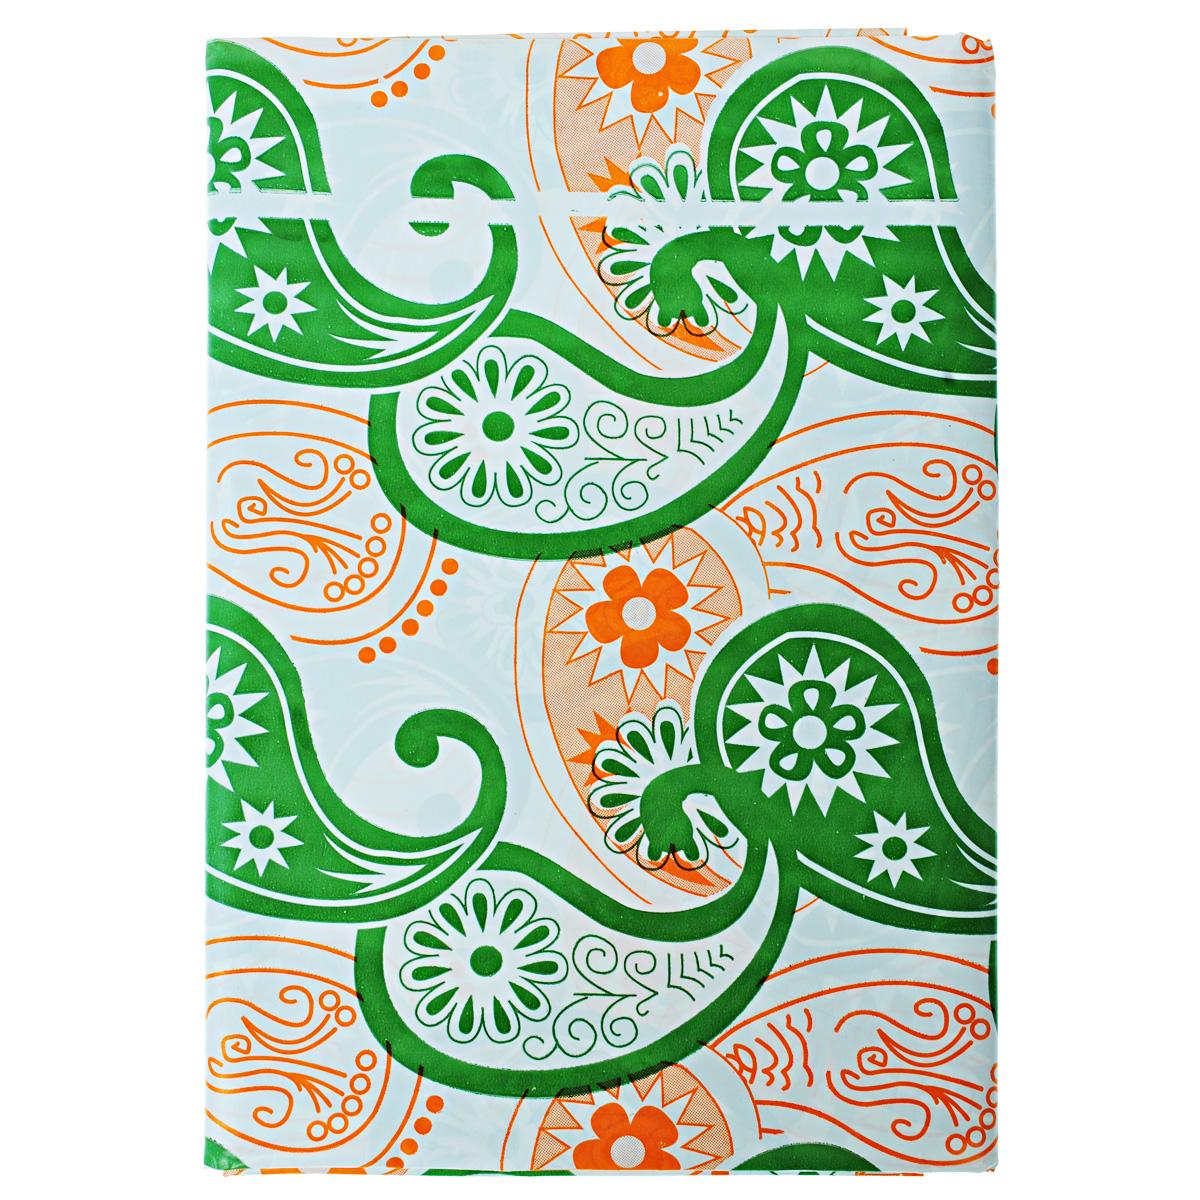 Скатерть Boyscout, прямоугольная, цвет: зеленый, оранжевый, 110x 150 смВетерок 2ГФПрямоугольная скатерть Boyscout выполнена из полиэстера высокого давления и декорирована красивыми узорами.Такая скатерть идеально подойдет для пикников и отдыха на природе.